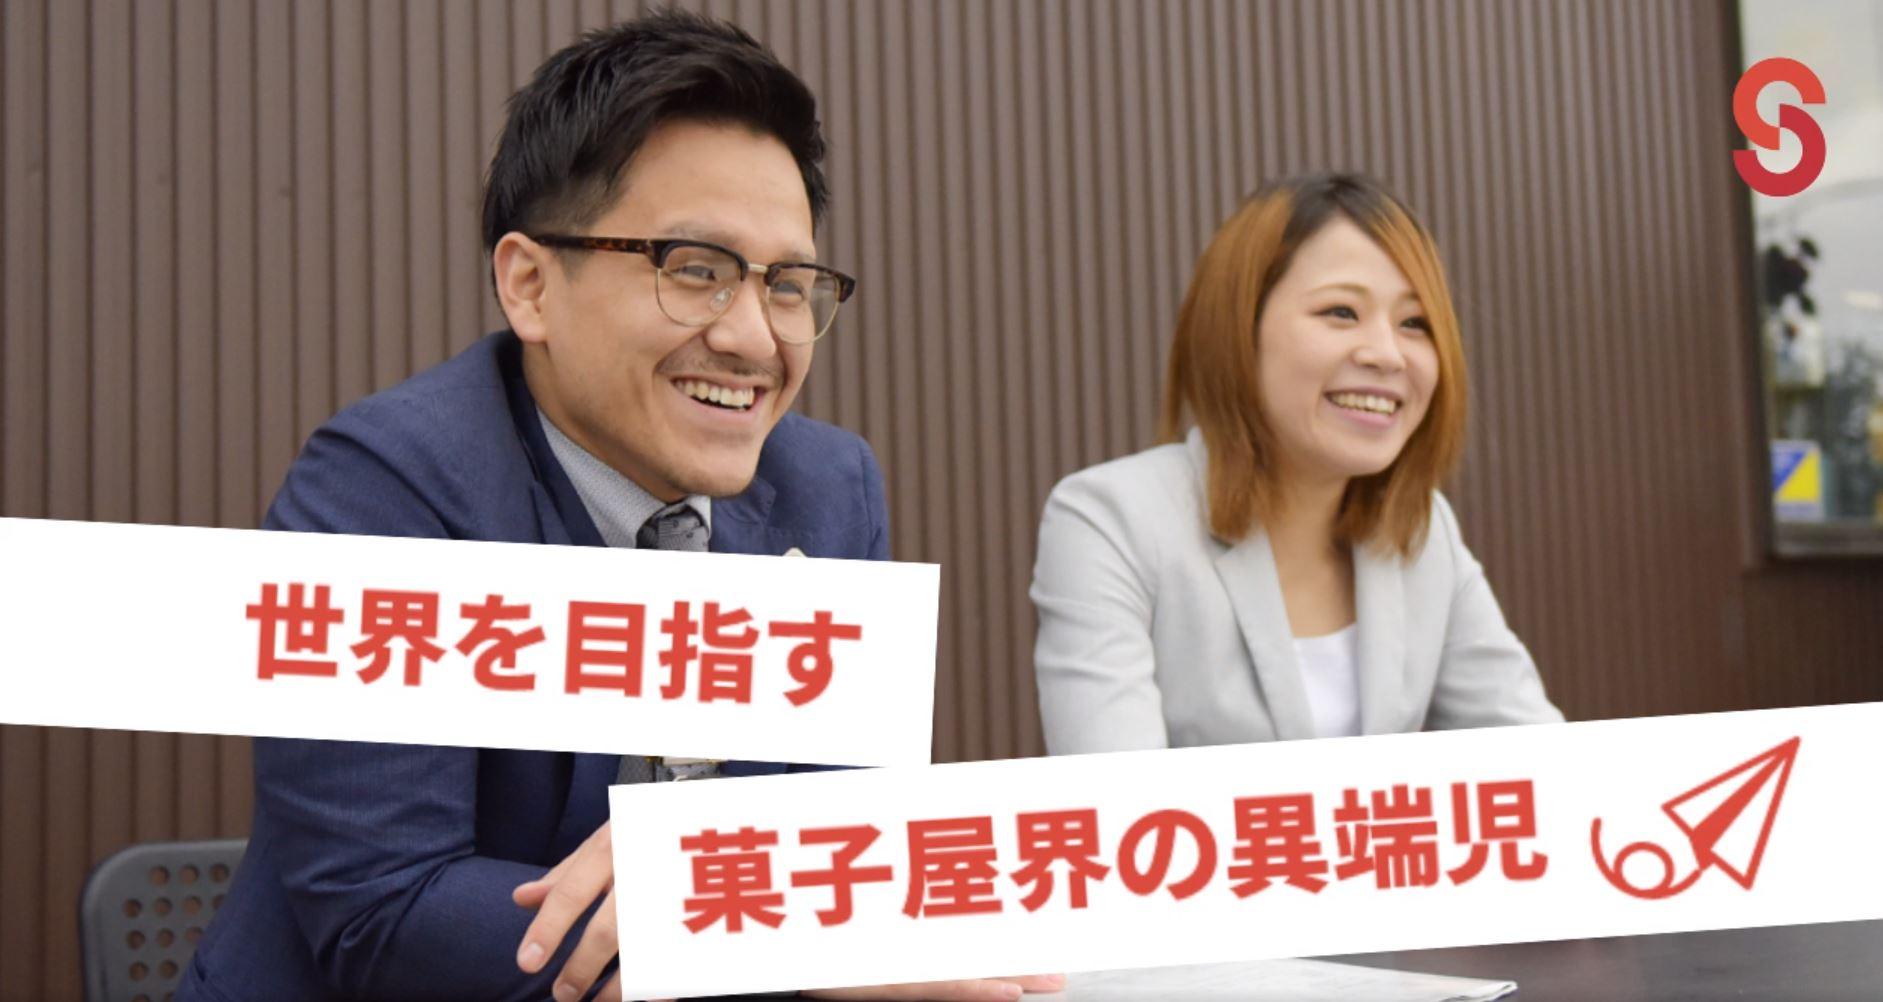 株式会社 吉岡製菓